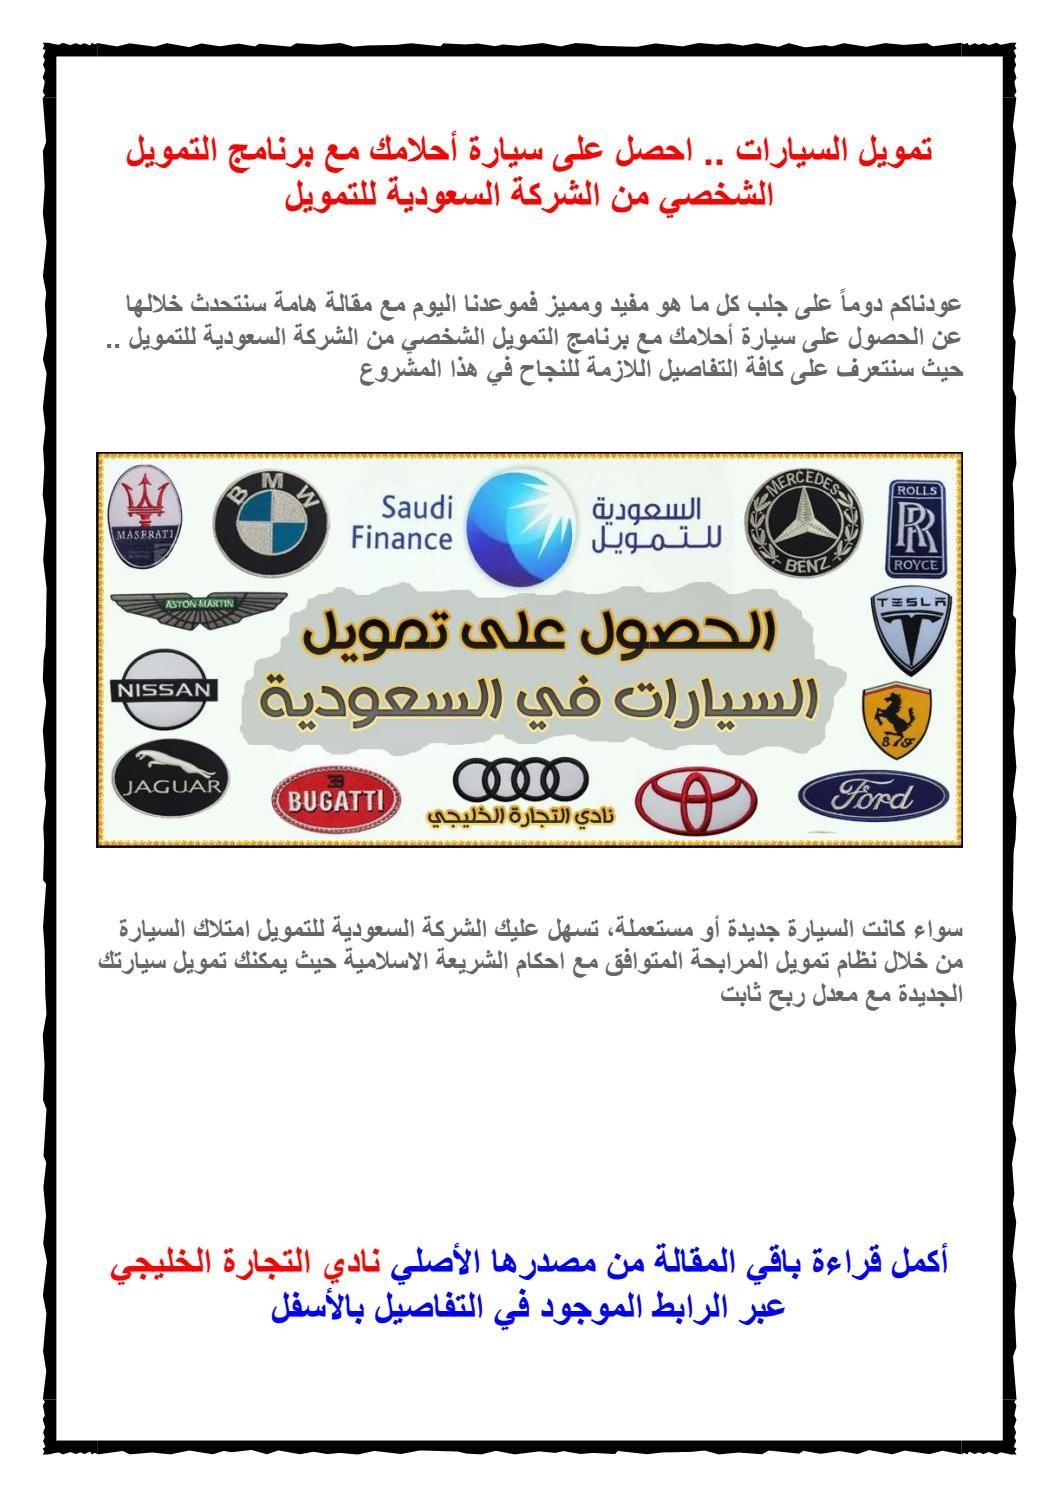 تمويل السيارات احصل على سيارة أحلامك مع برنامج التمويل الشخصي من الشركة السعودية للتمويل Microsoft Word Document Finance Words